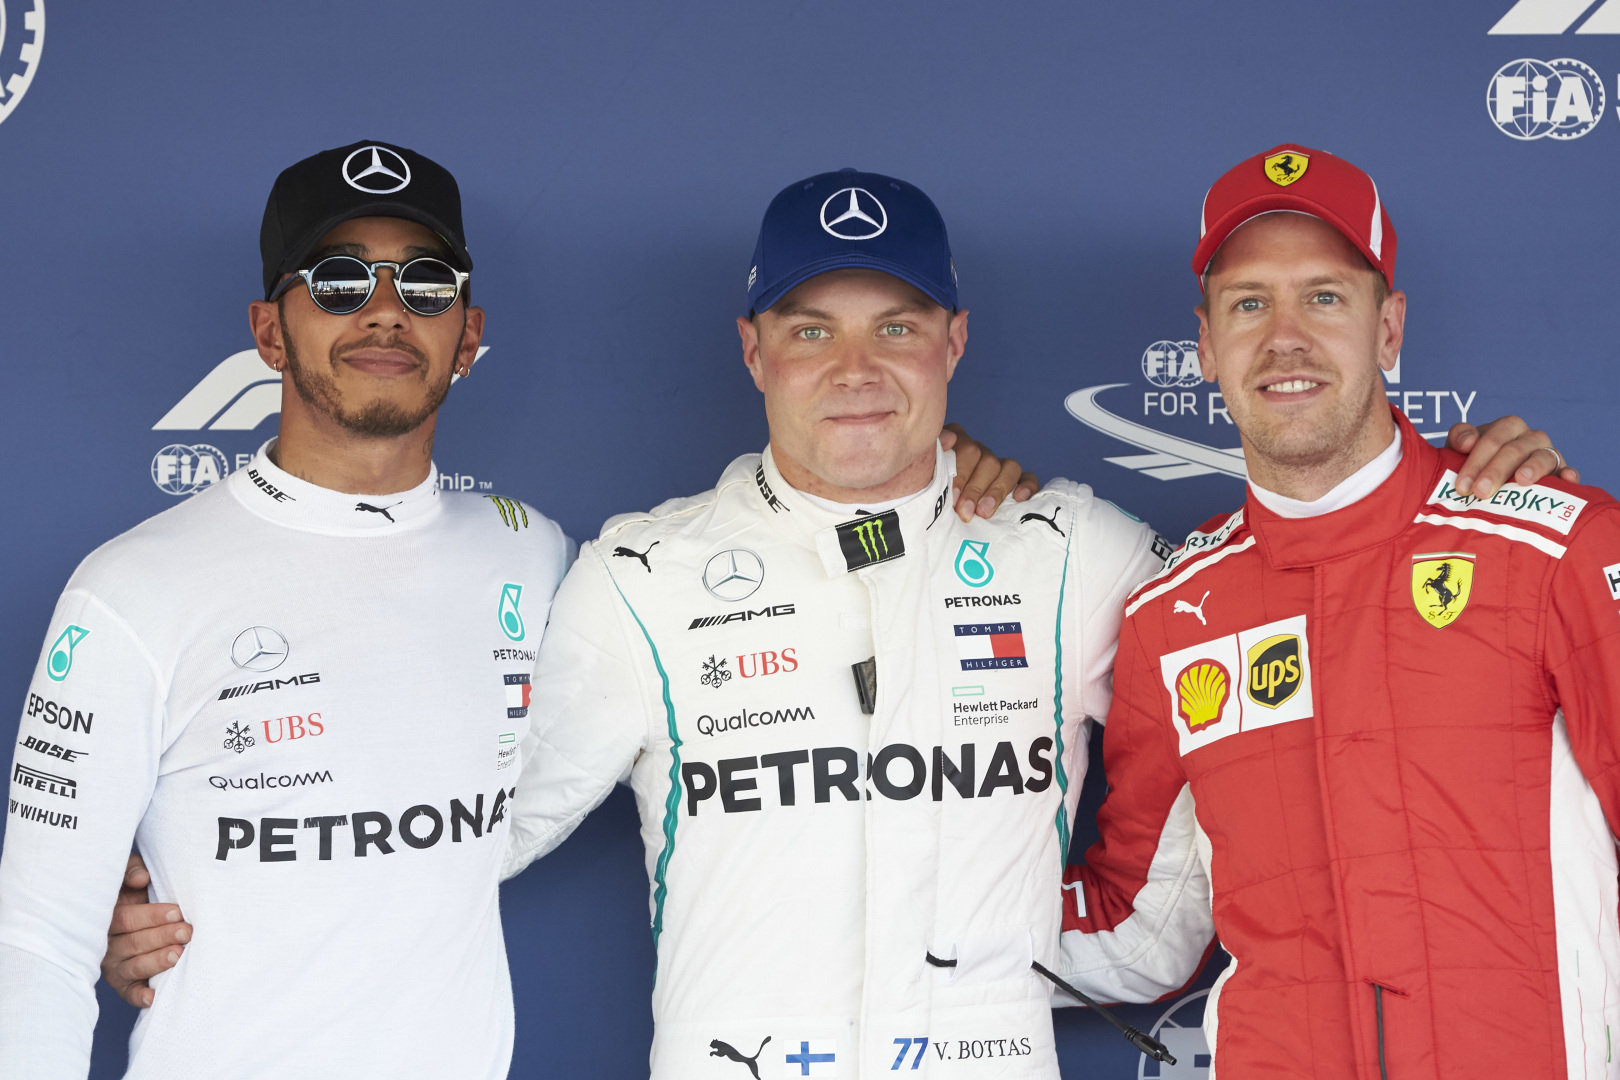 """Rusijoje """"pole"""" poziciją iškovojo V. Bottas"""